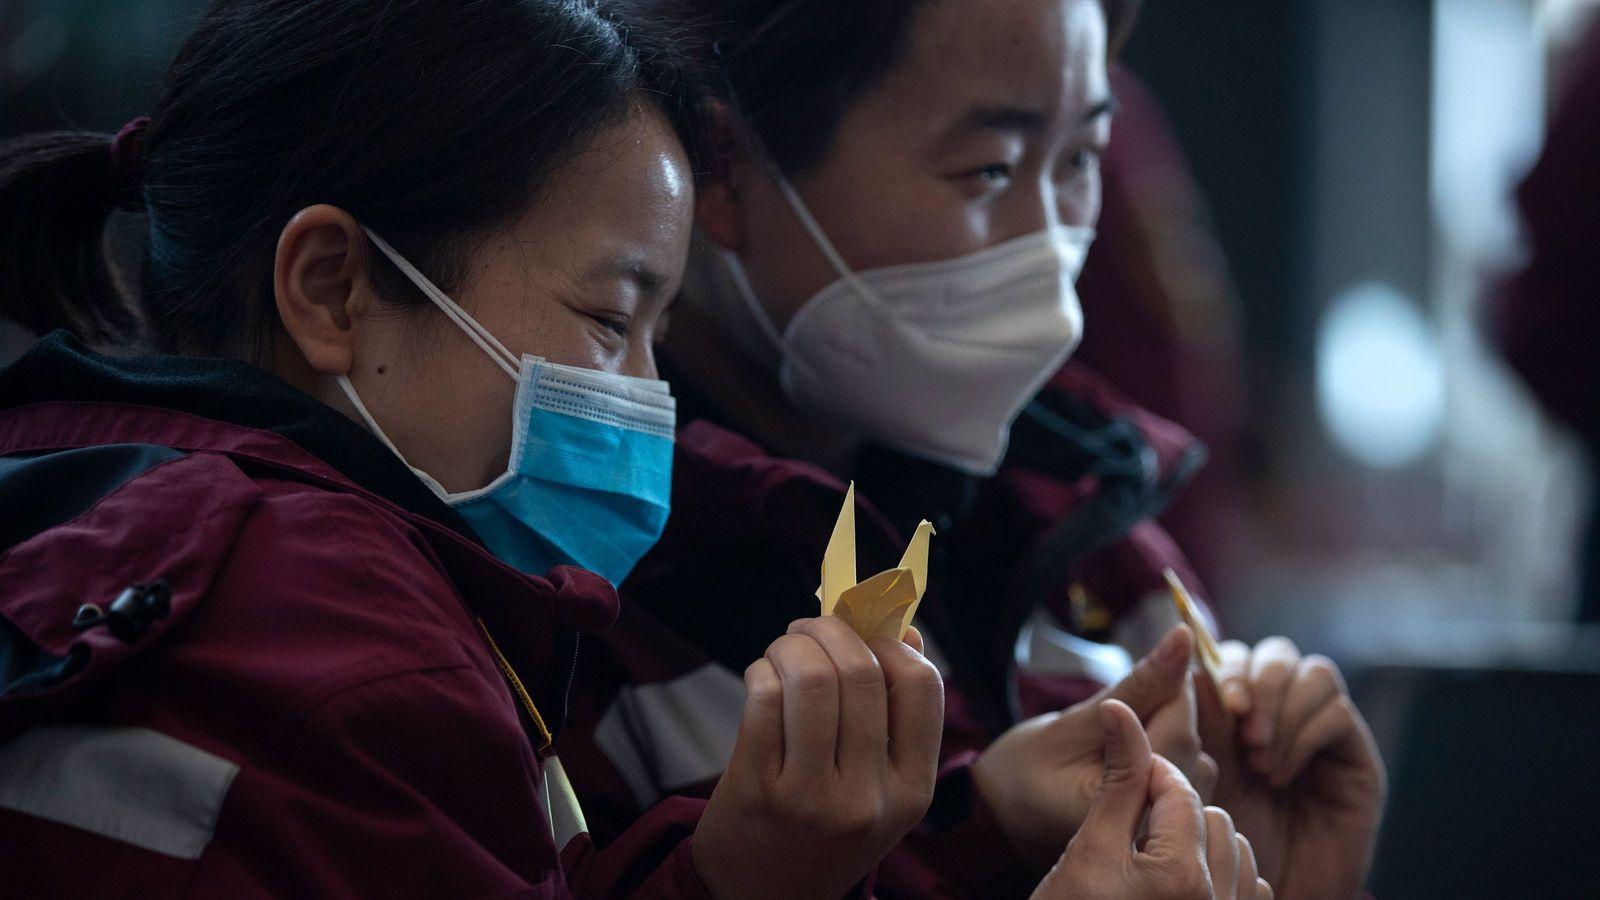 「武漢ウイルス」と中国を非難する人に知ってほしい日中秘史 数万人の日本人を救った中国女性